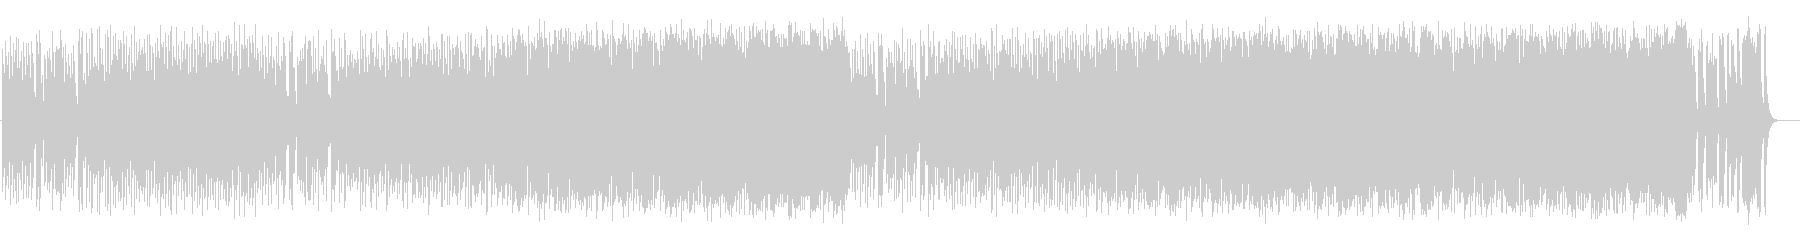 愛らしいコミカル調BGM(フルサイズ)の未再生の波形